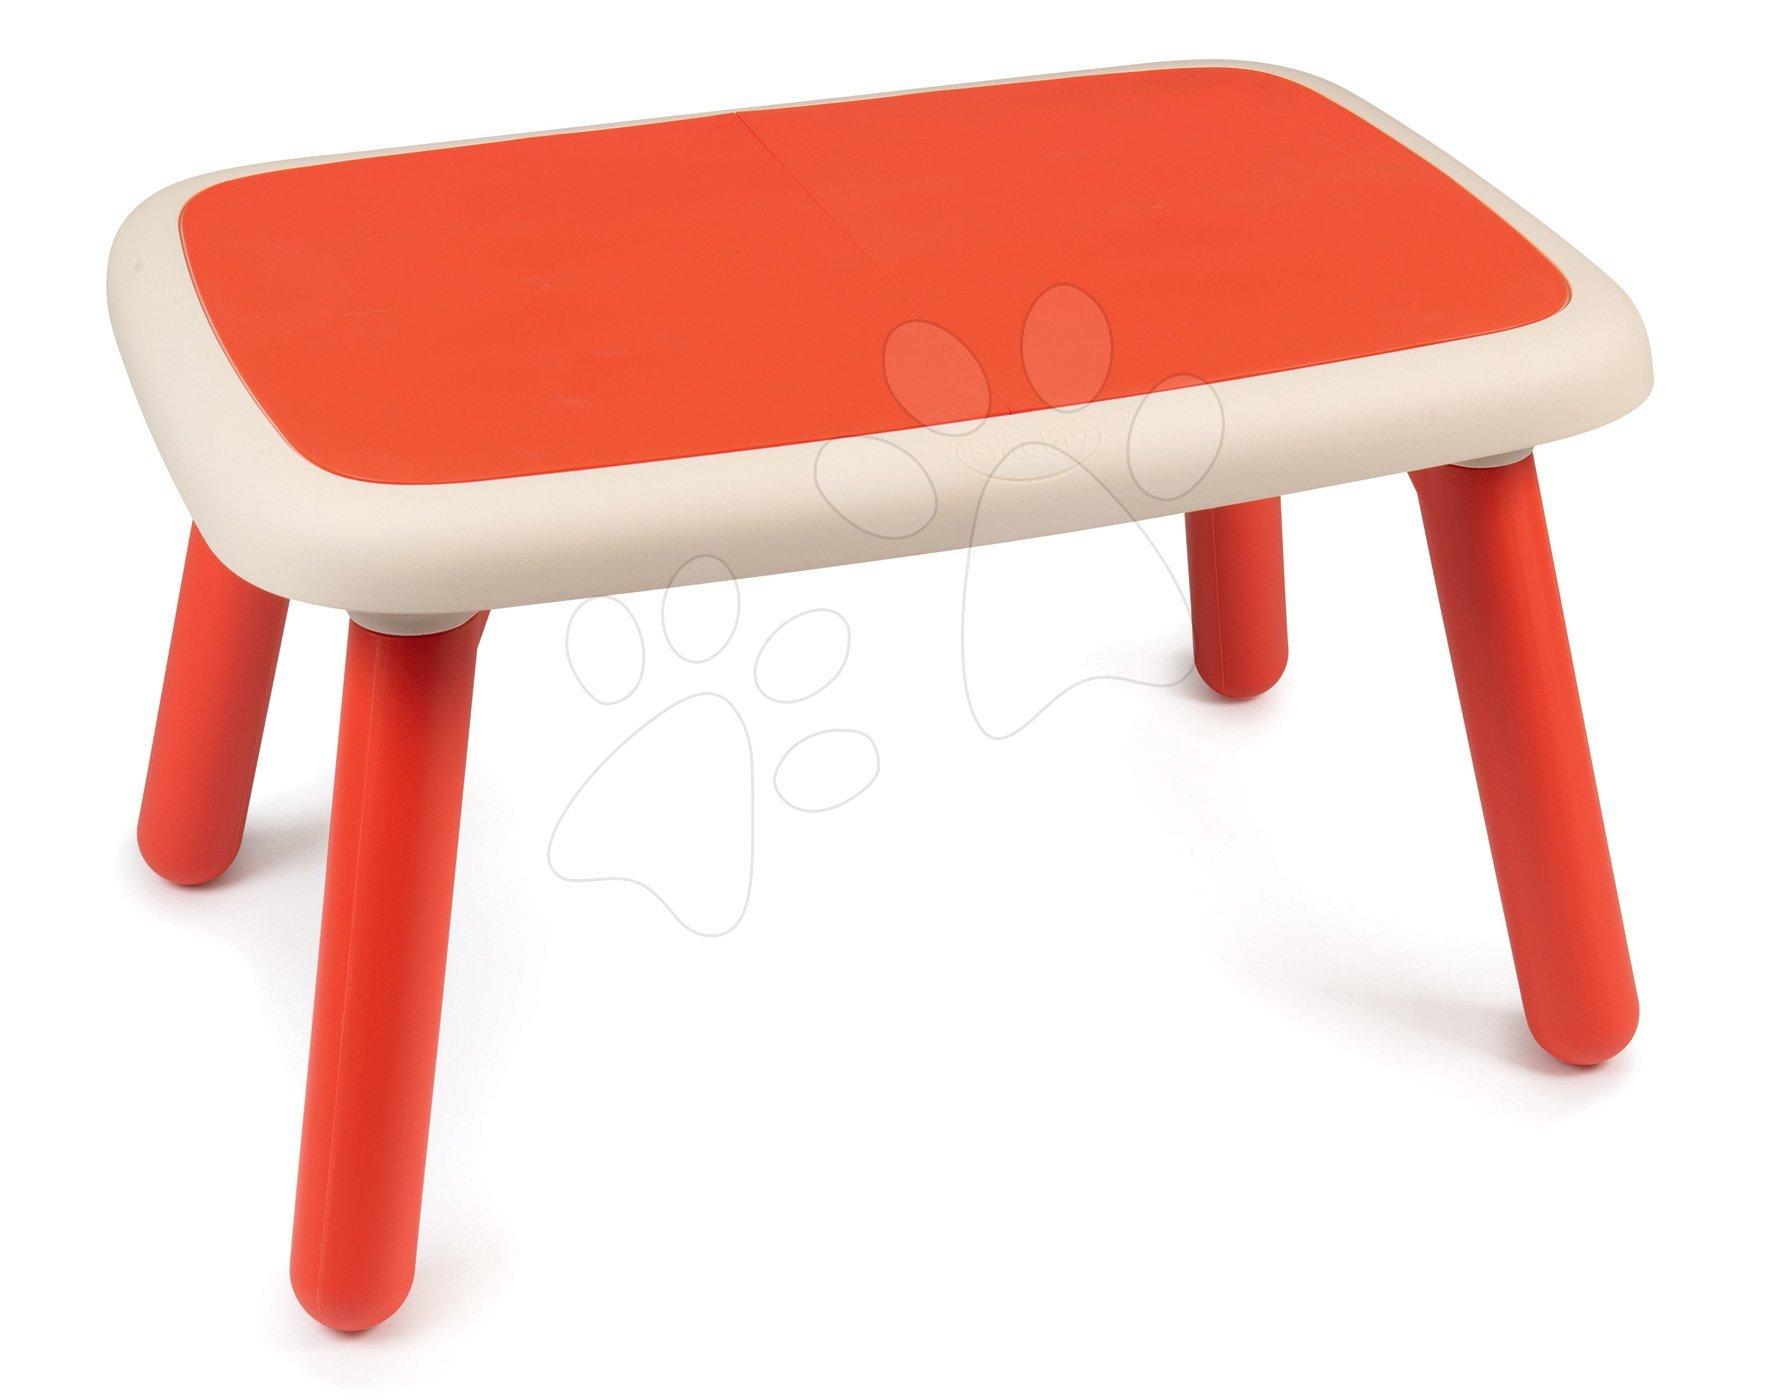 Smoby stôl pre deti KidTable červený s UV filtrom 880403